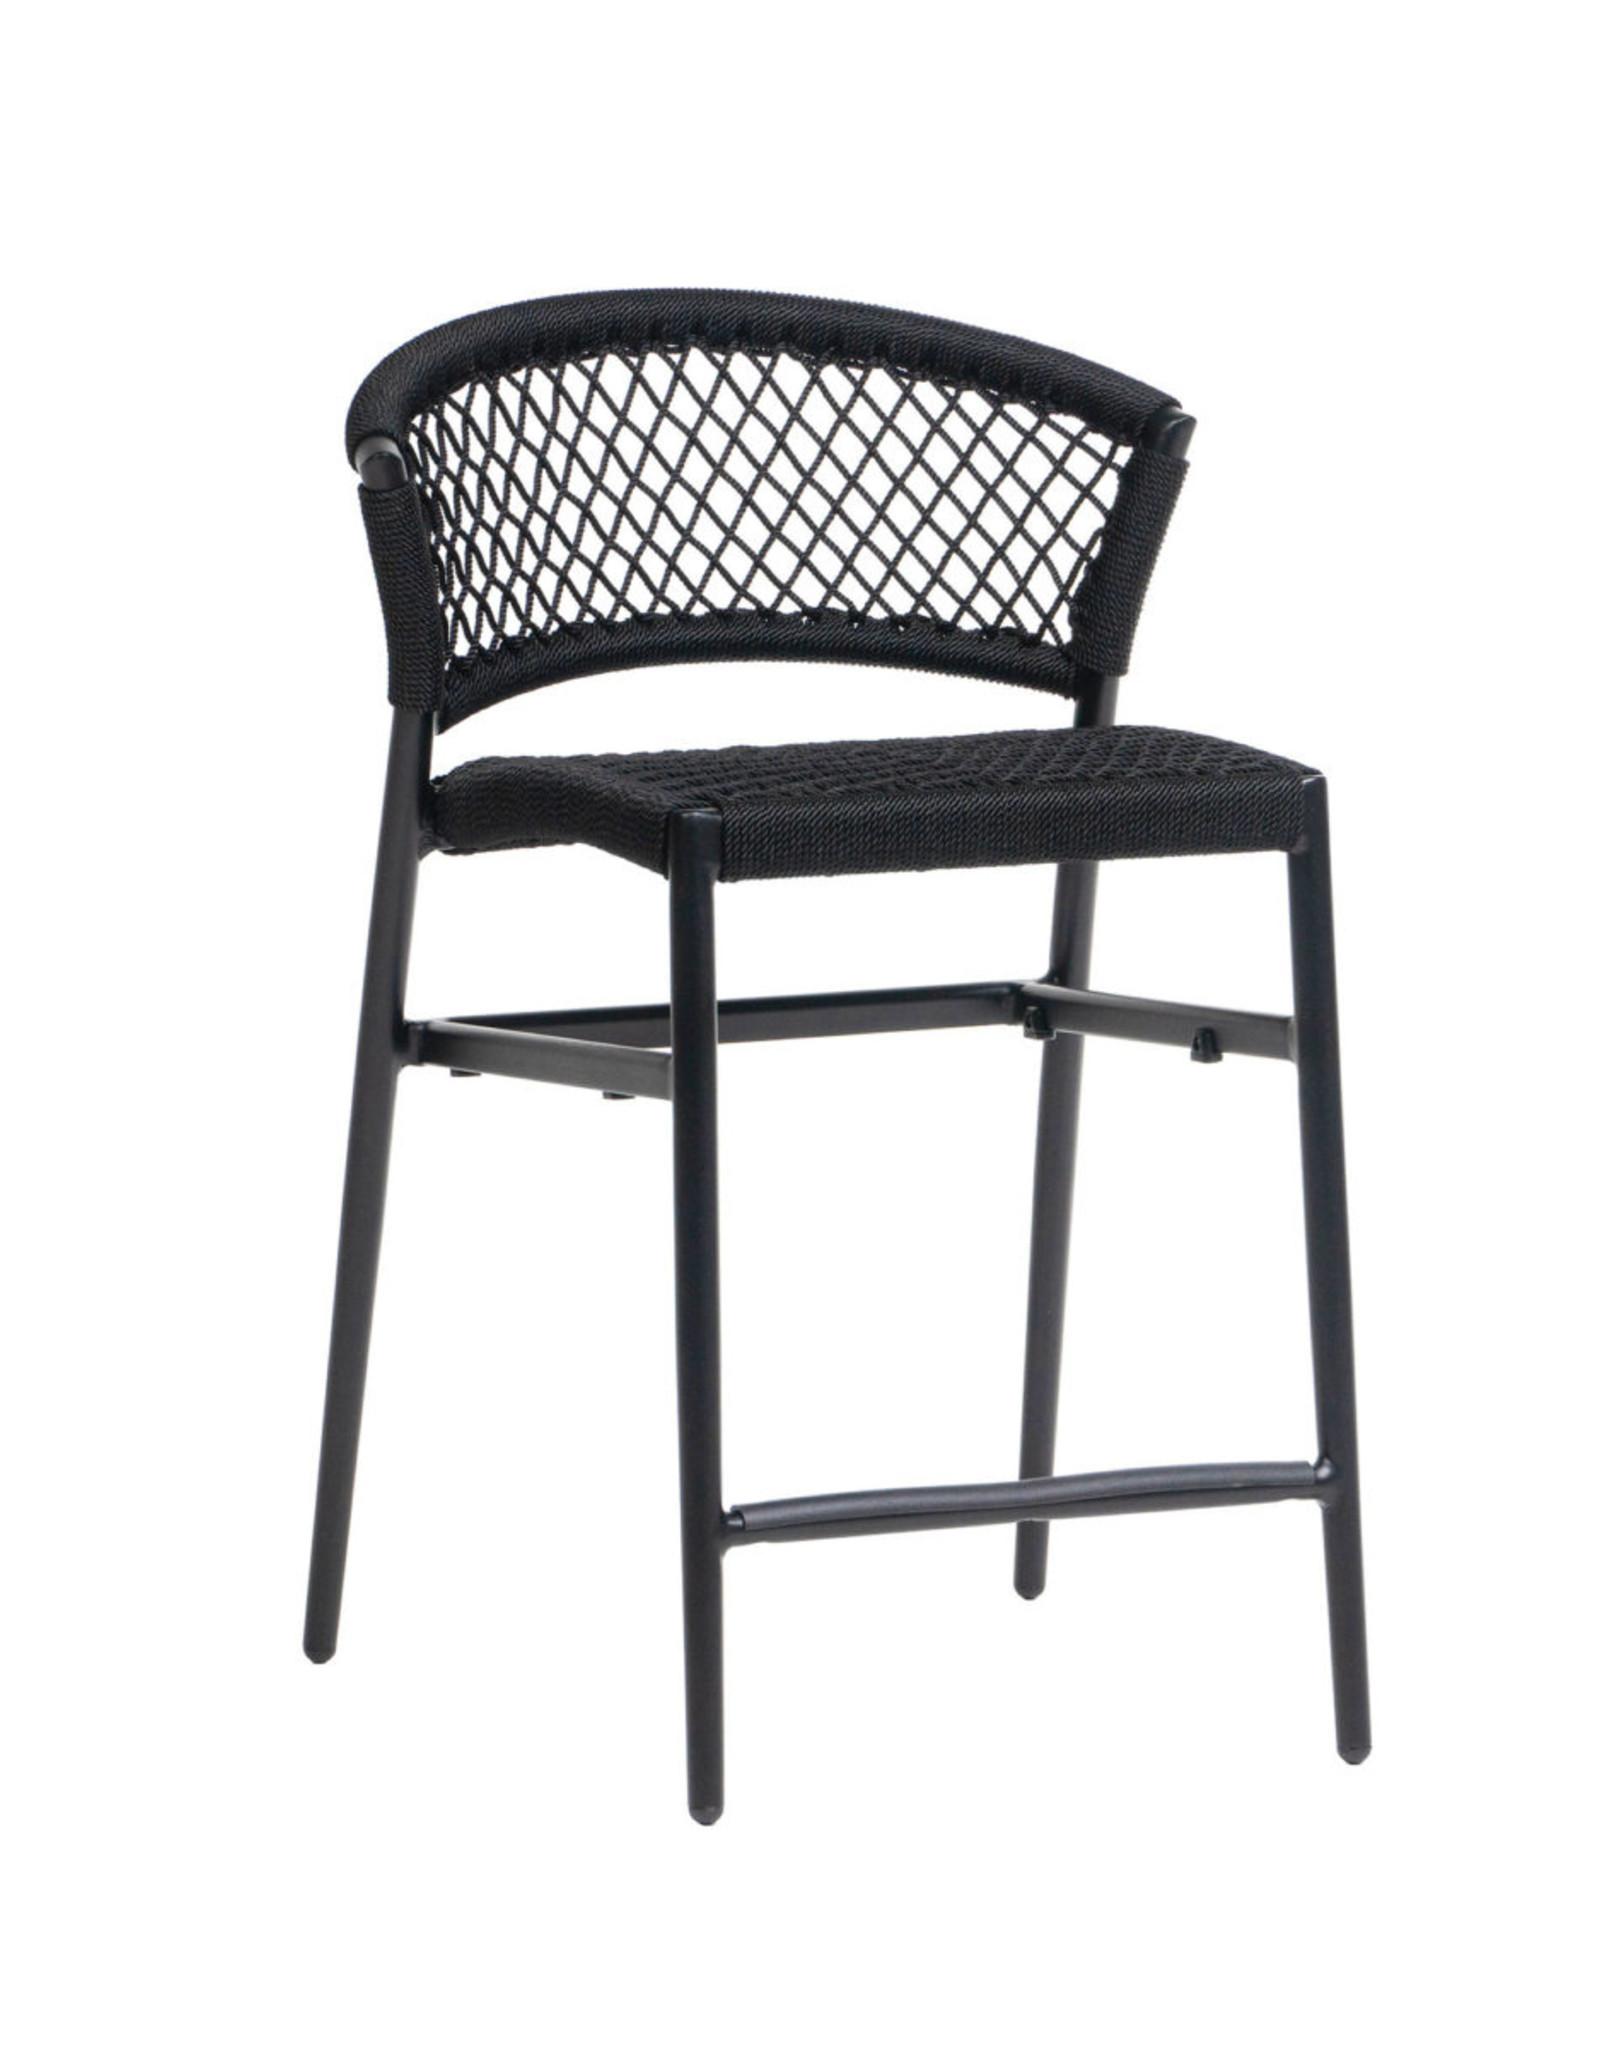 Ratana Ratana Ria Counter Chair FN58840BLK